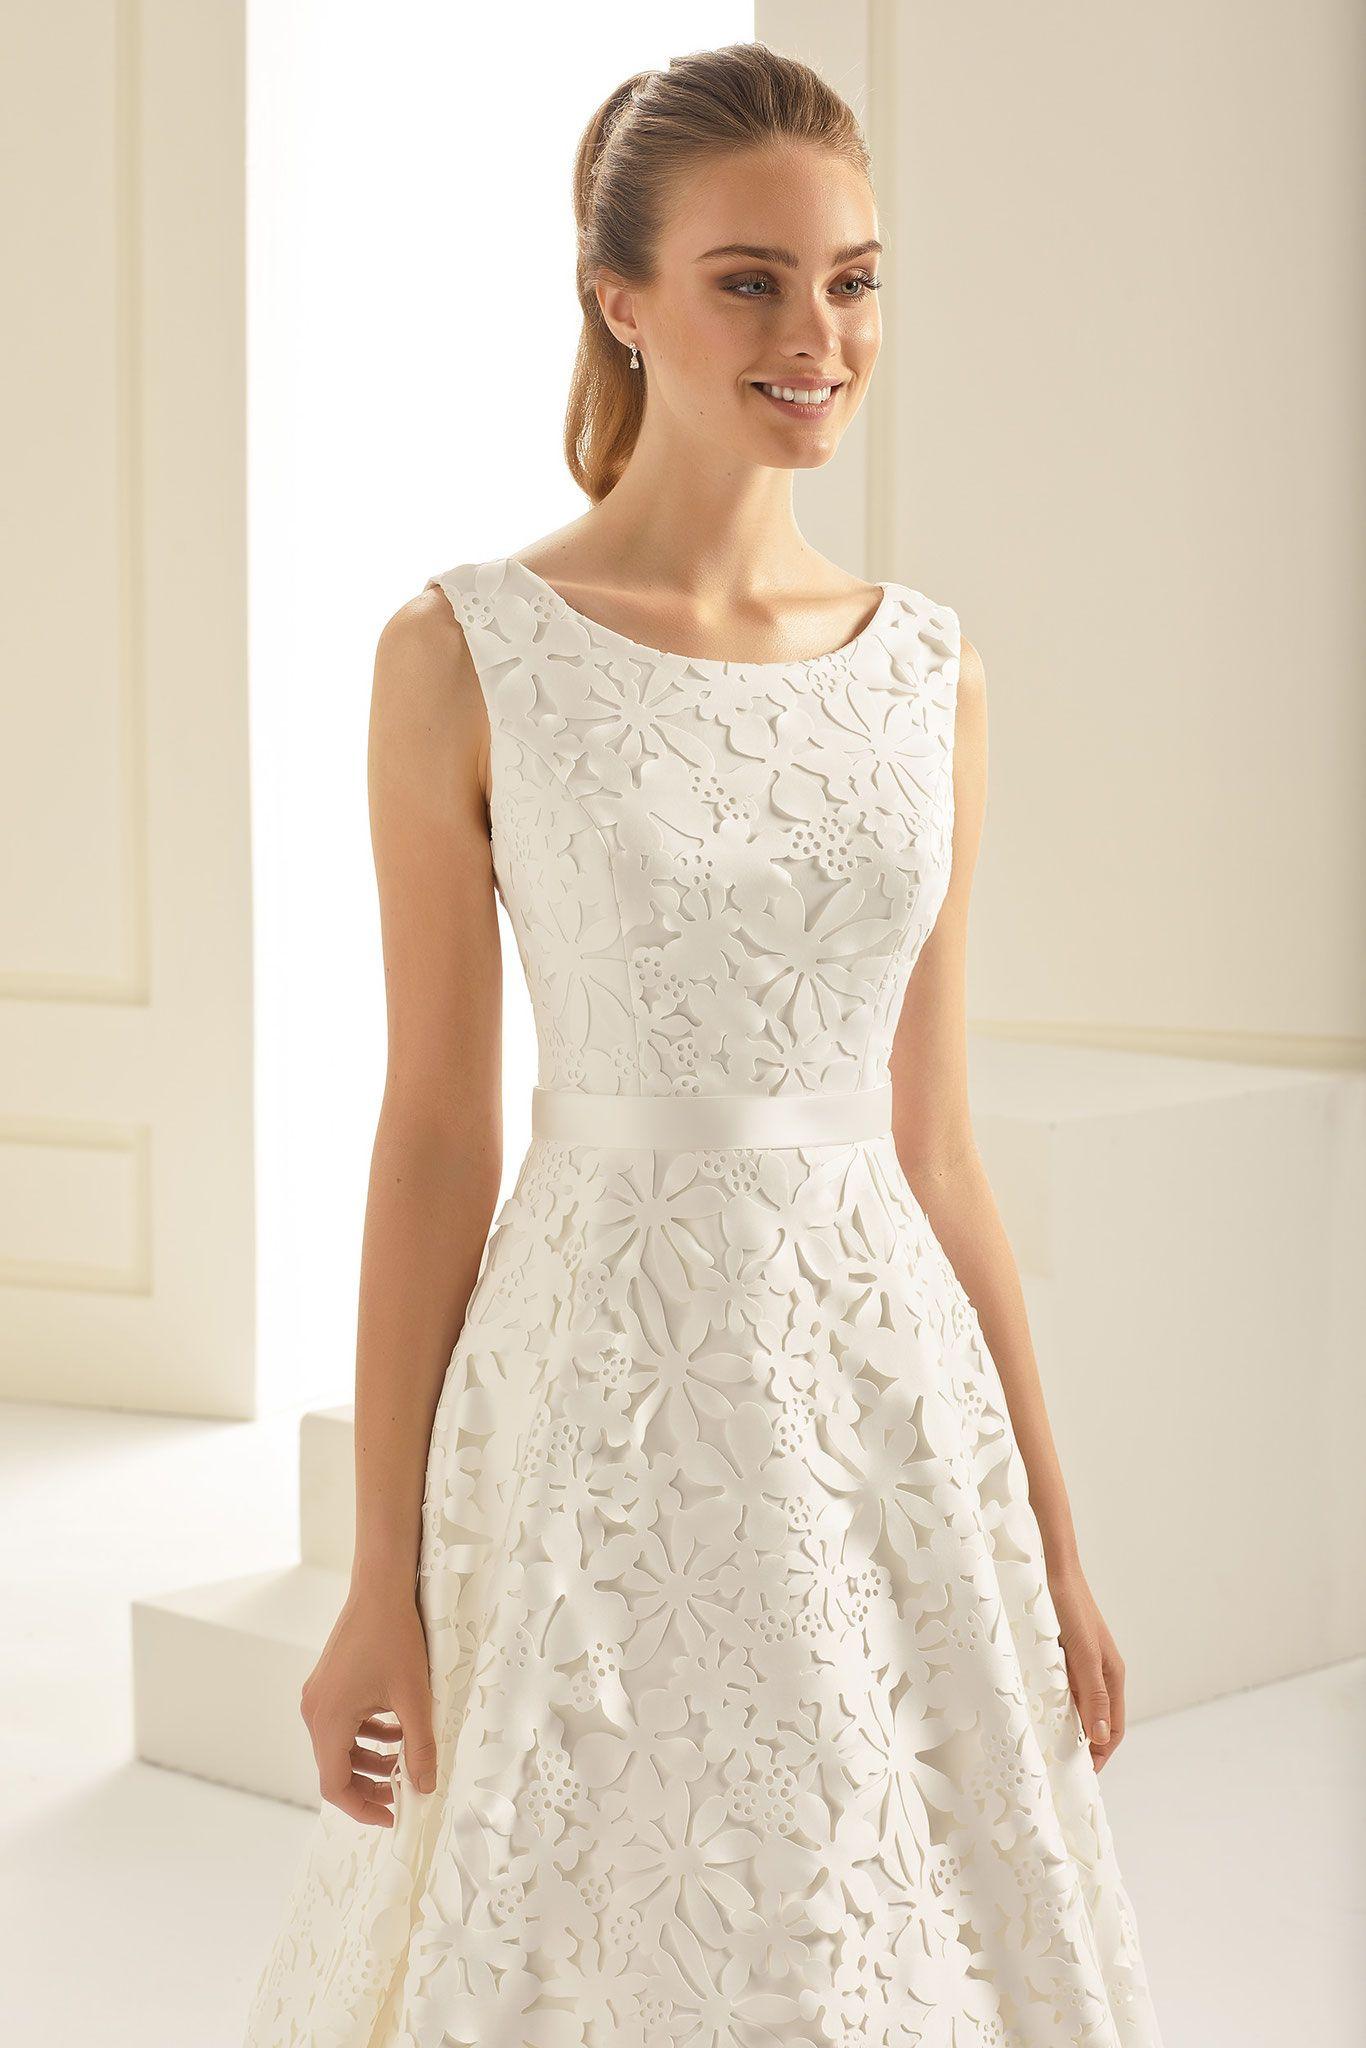 brautkleiderspitze #brautkleider #hochzeitskleider #brautmode